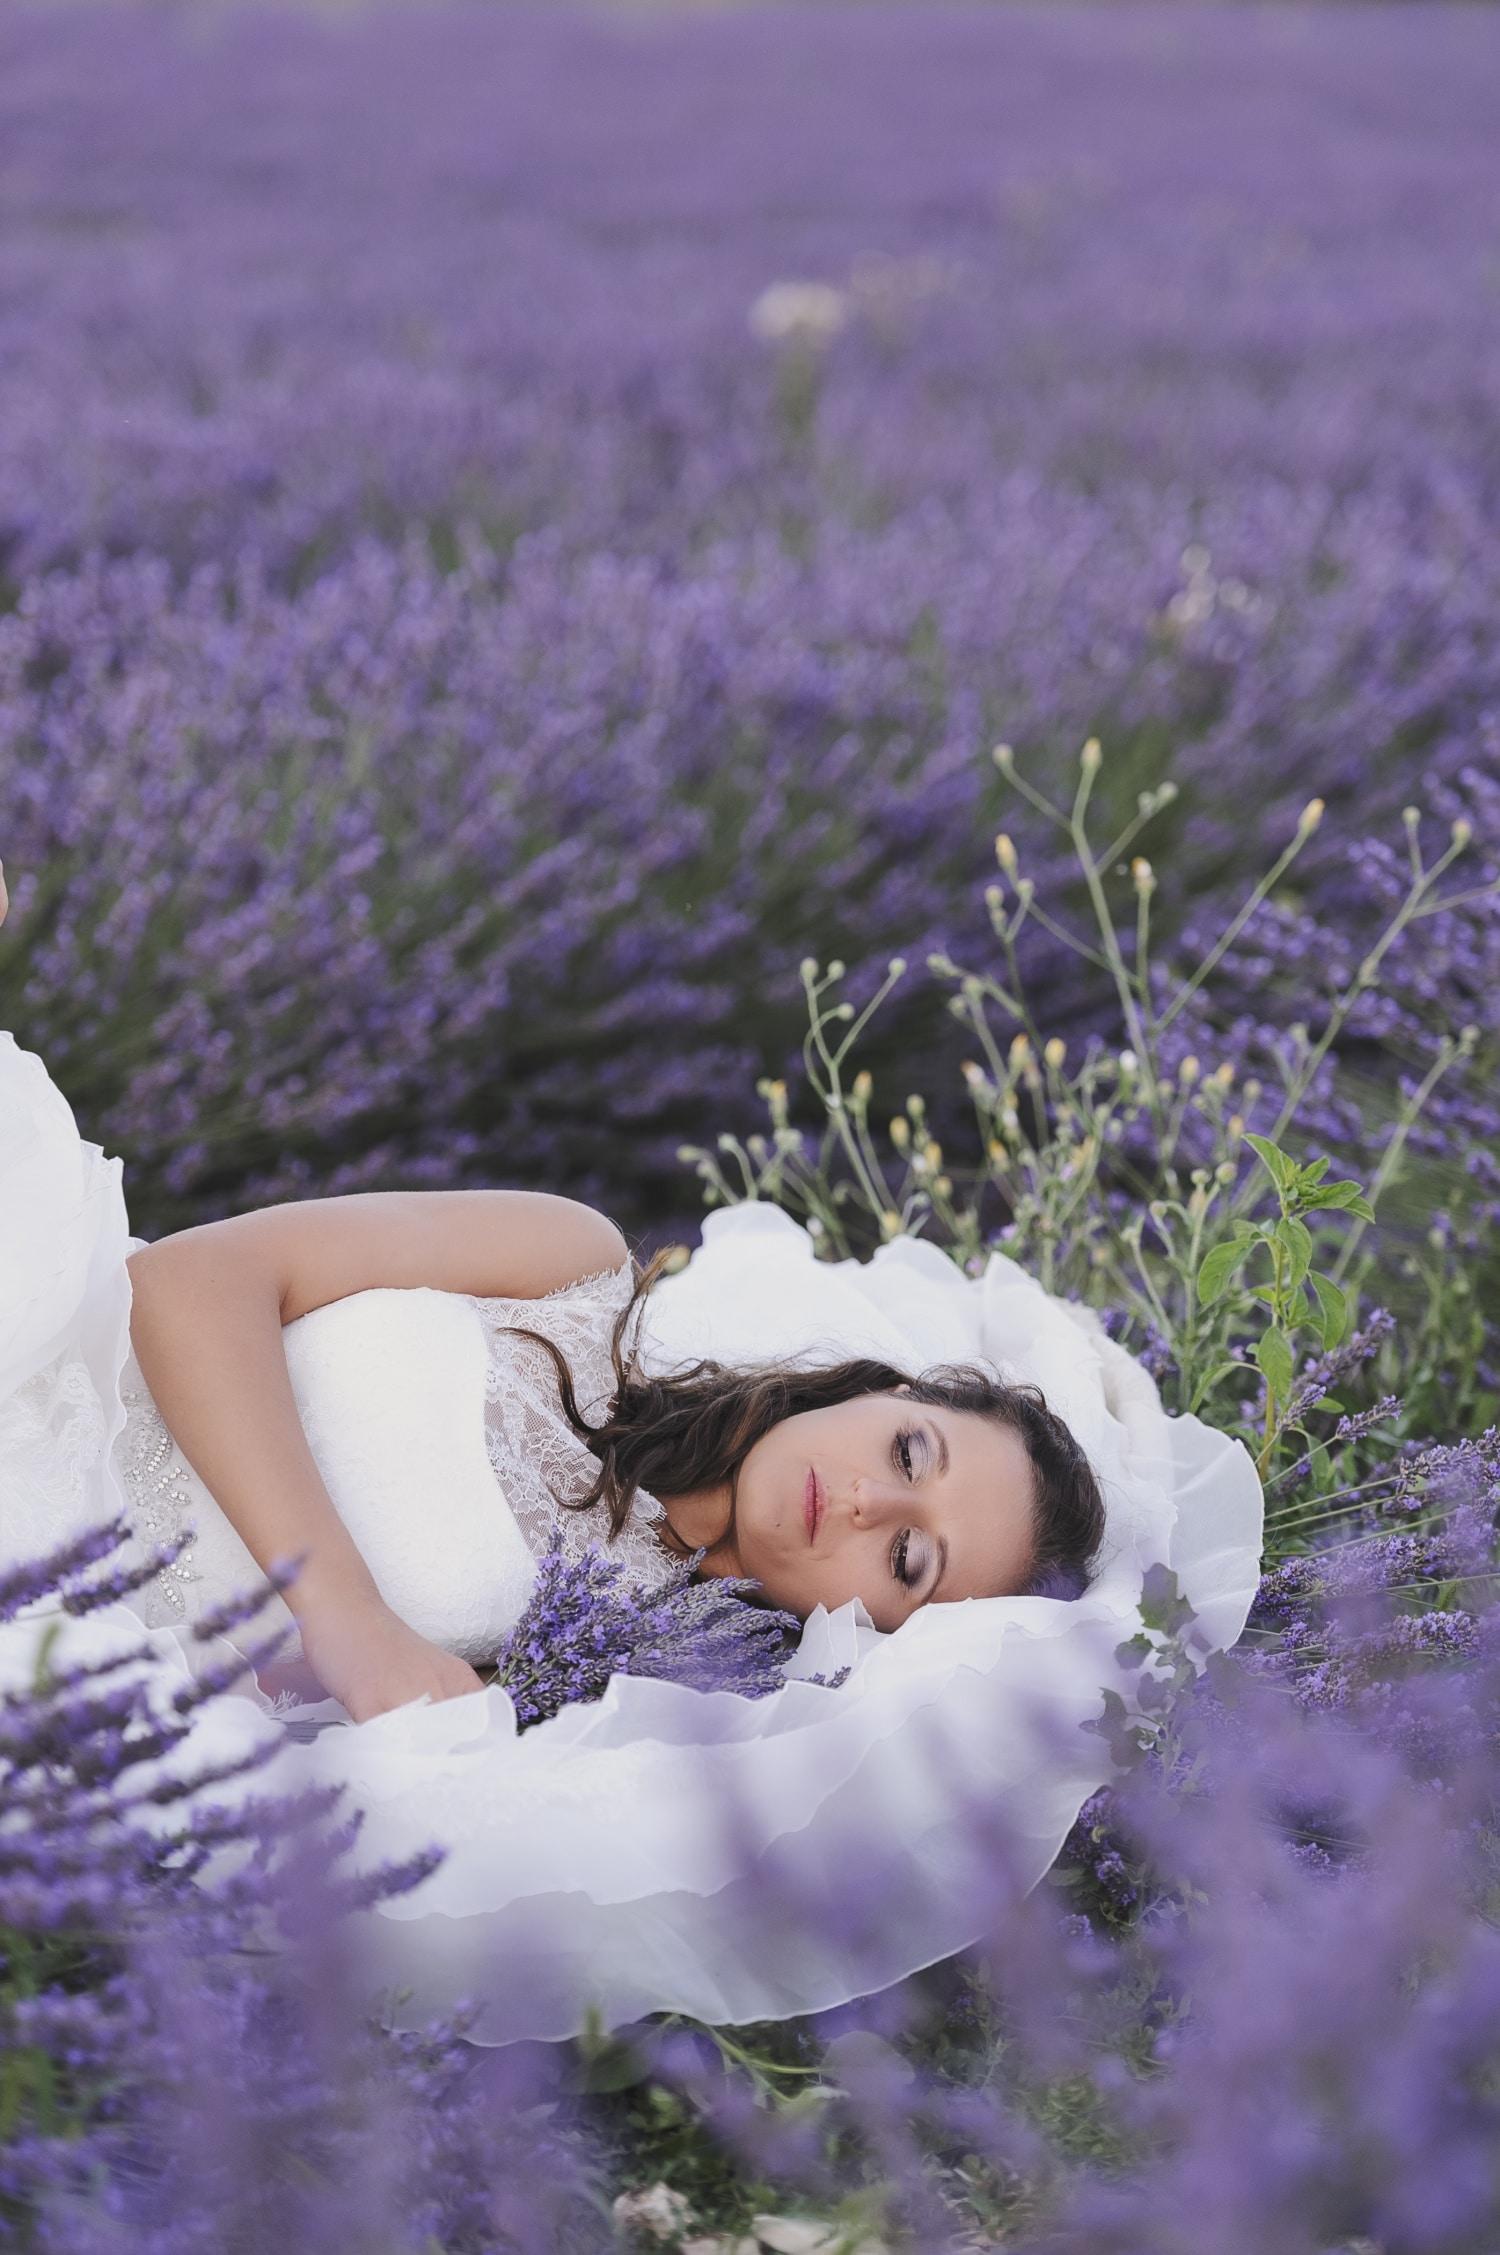 Természetes módszerek álmatlanság ellen